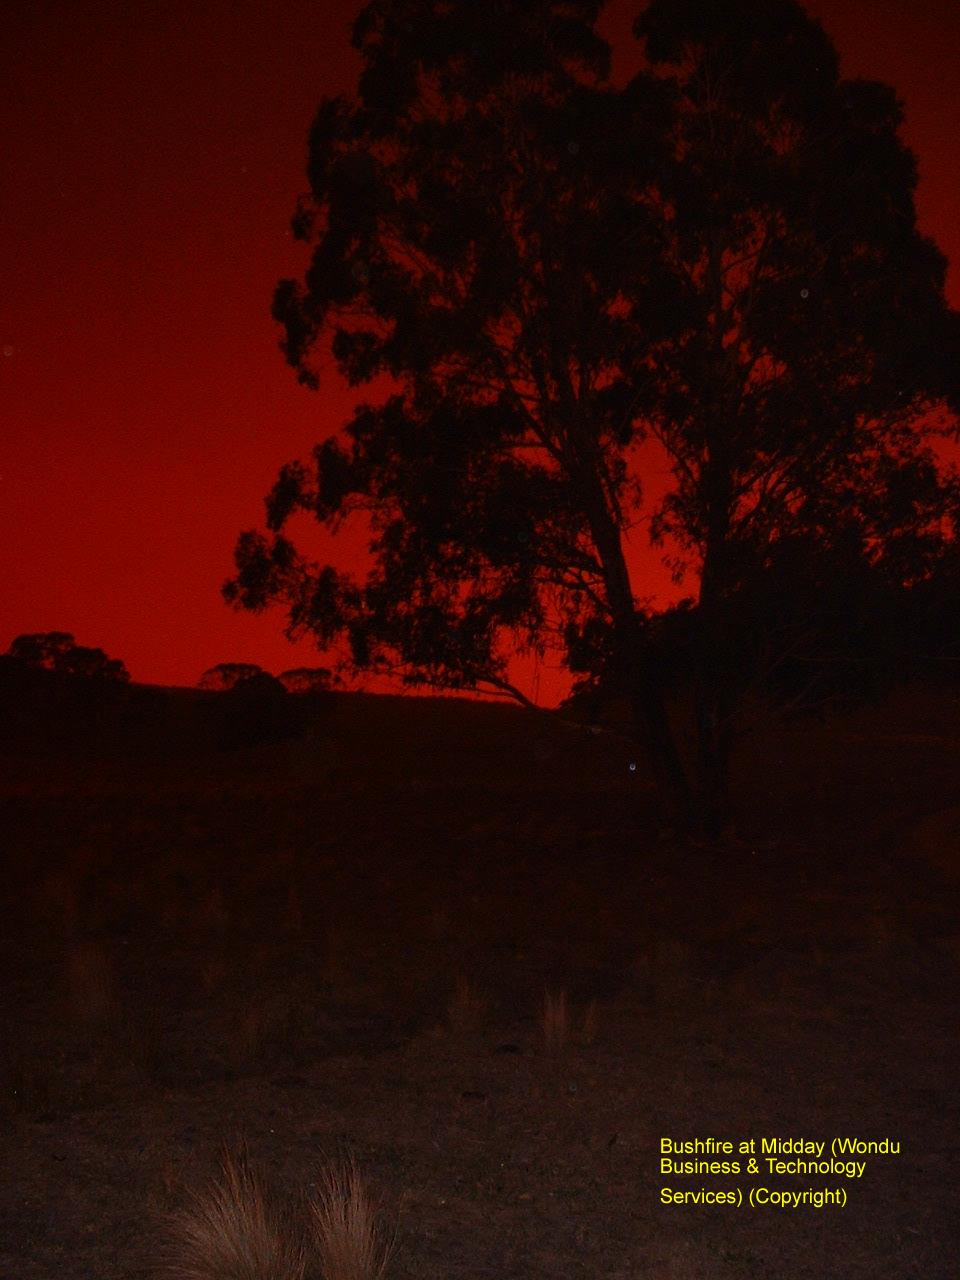 BushfireMidday